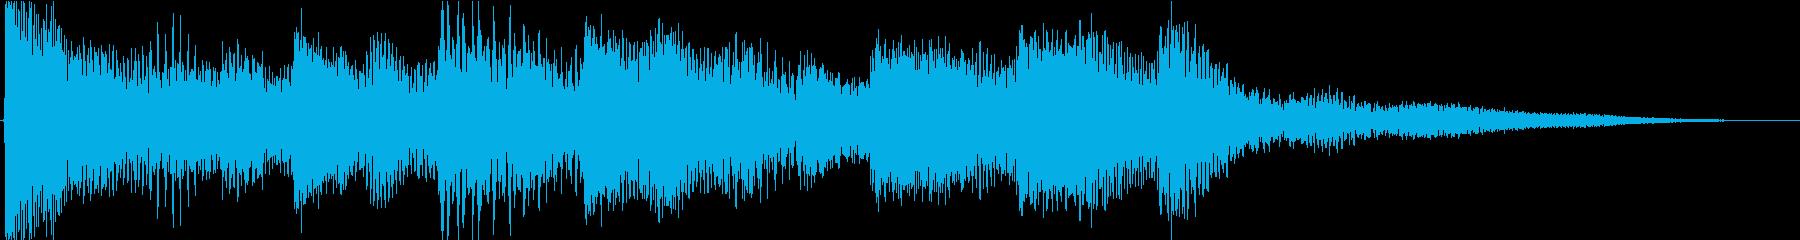 明るく平和なピアノジングルの再生済みの波形